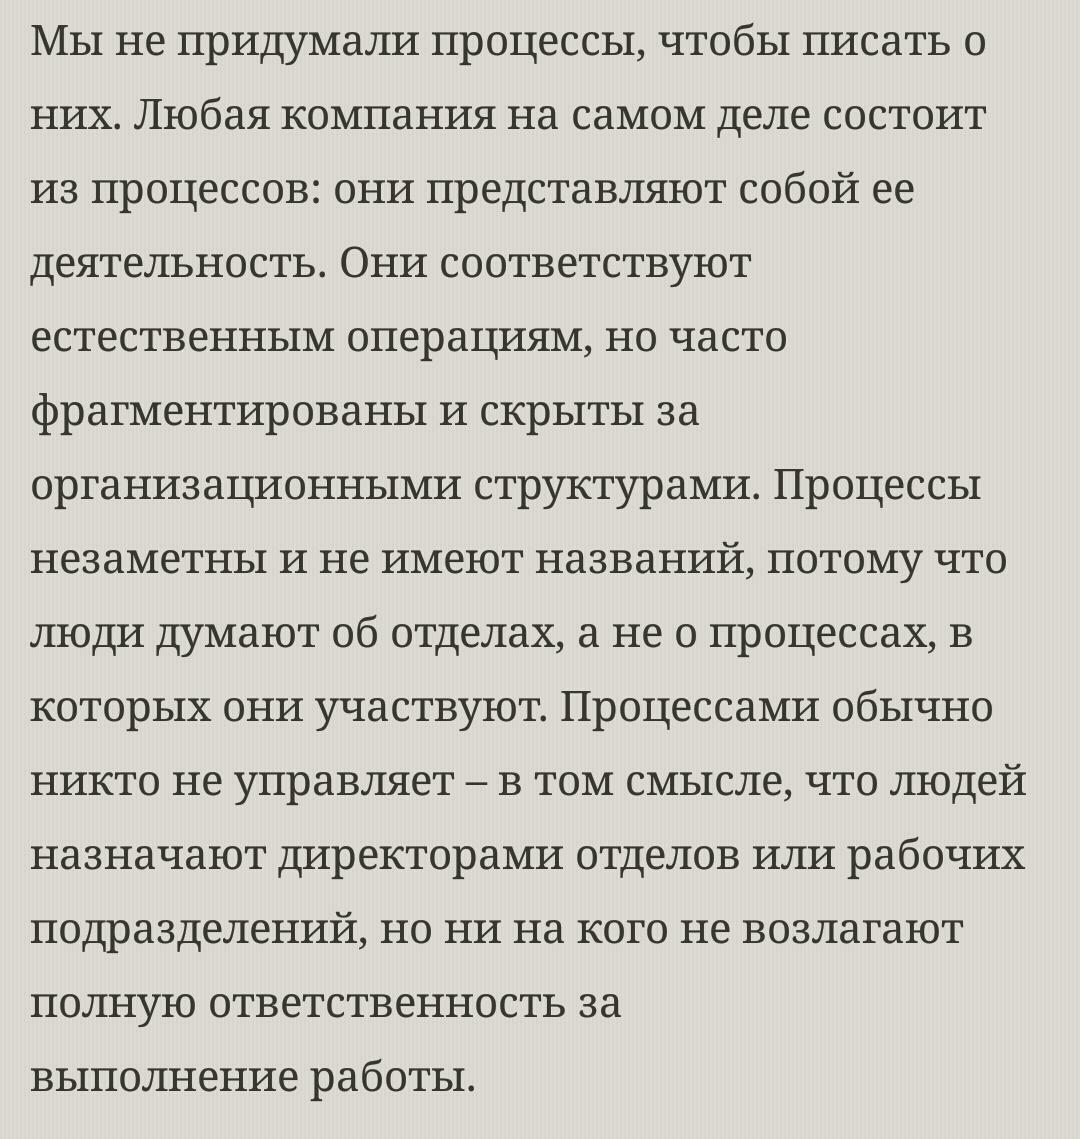 Изображение (6)